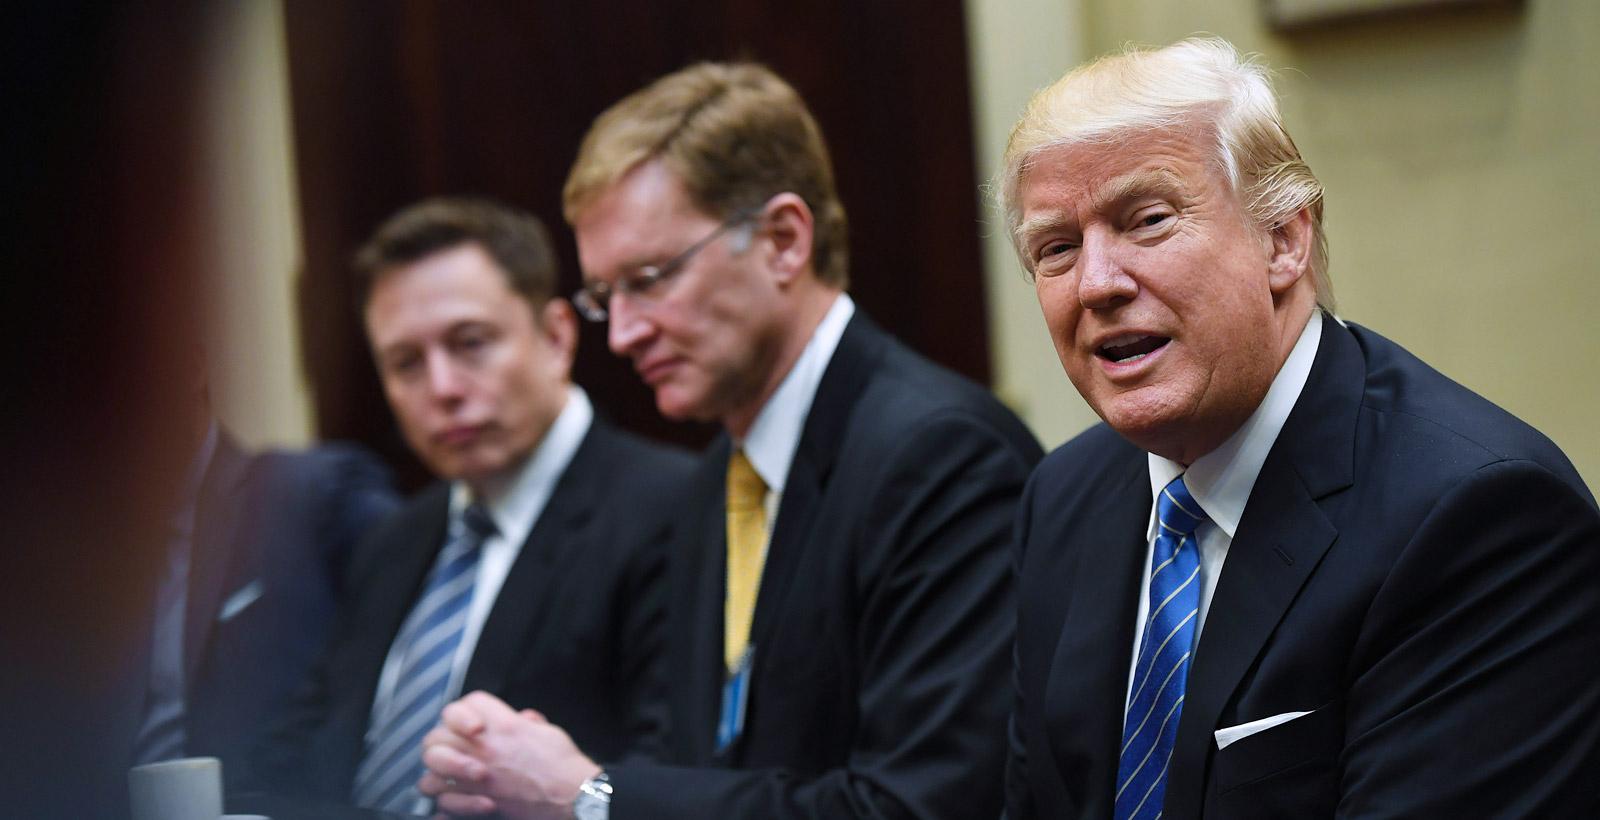 Elon Musk défend sa présence au conseil économique de Donald Trump | Branchez-vous